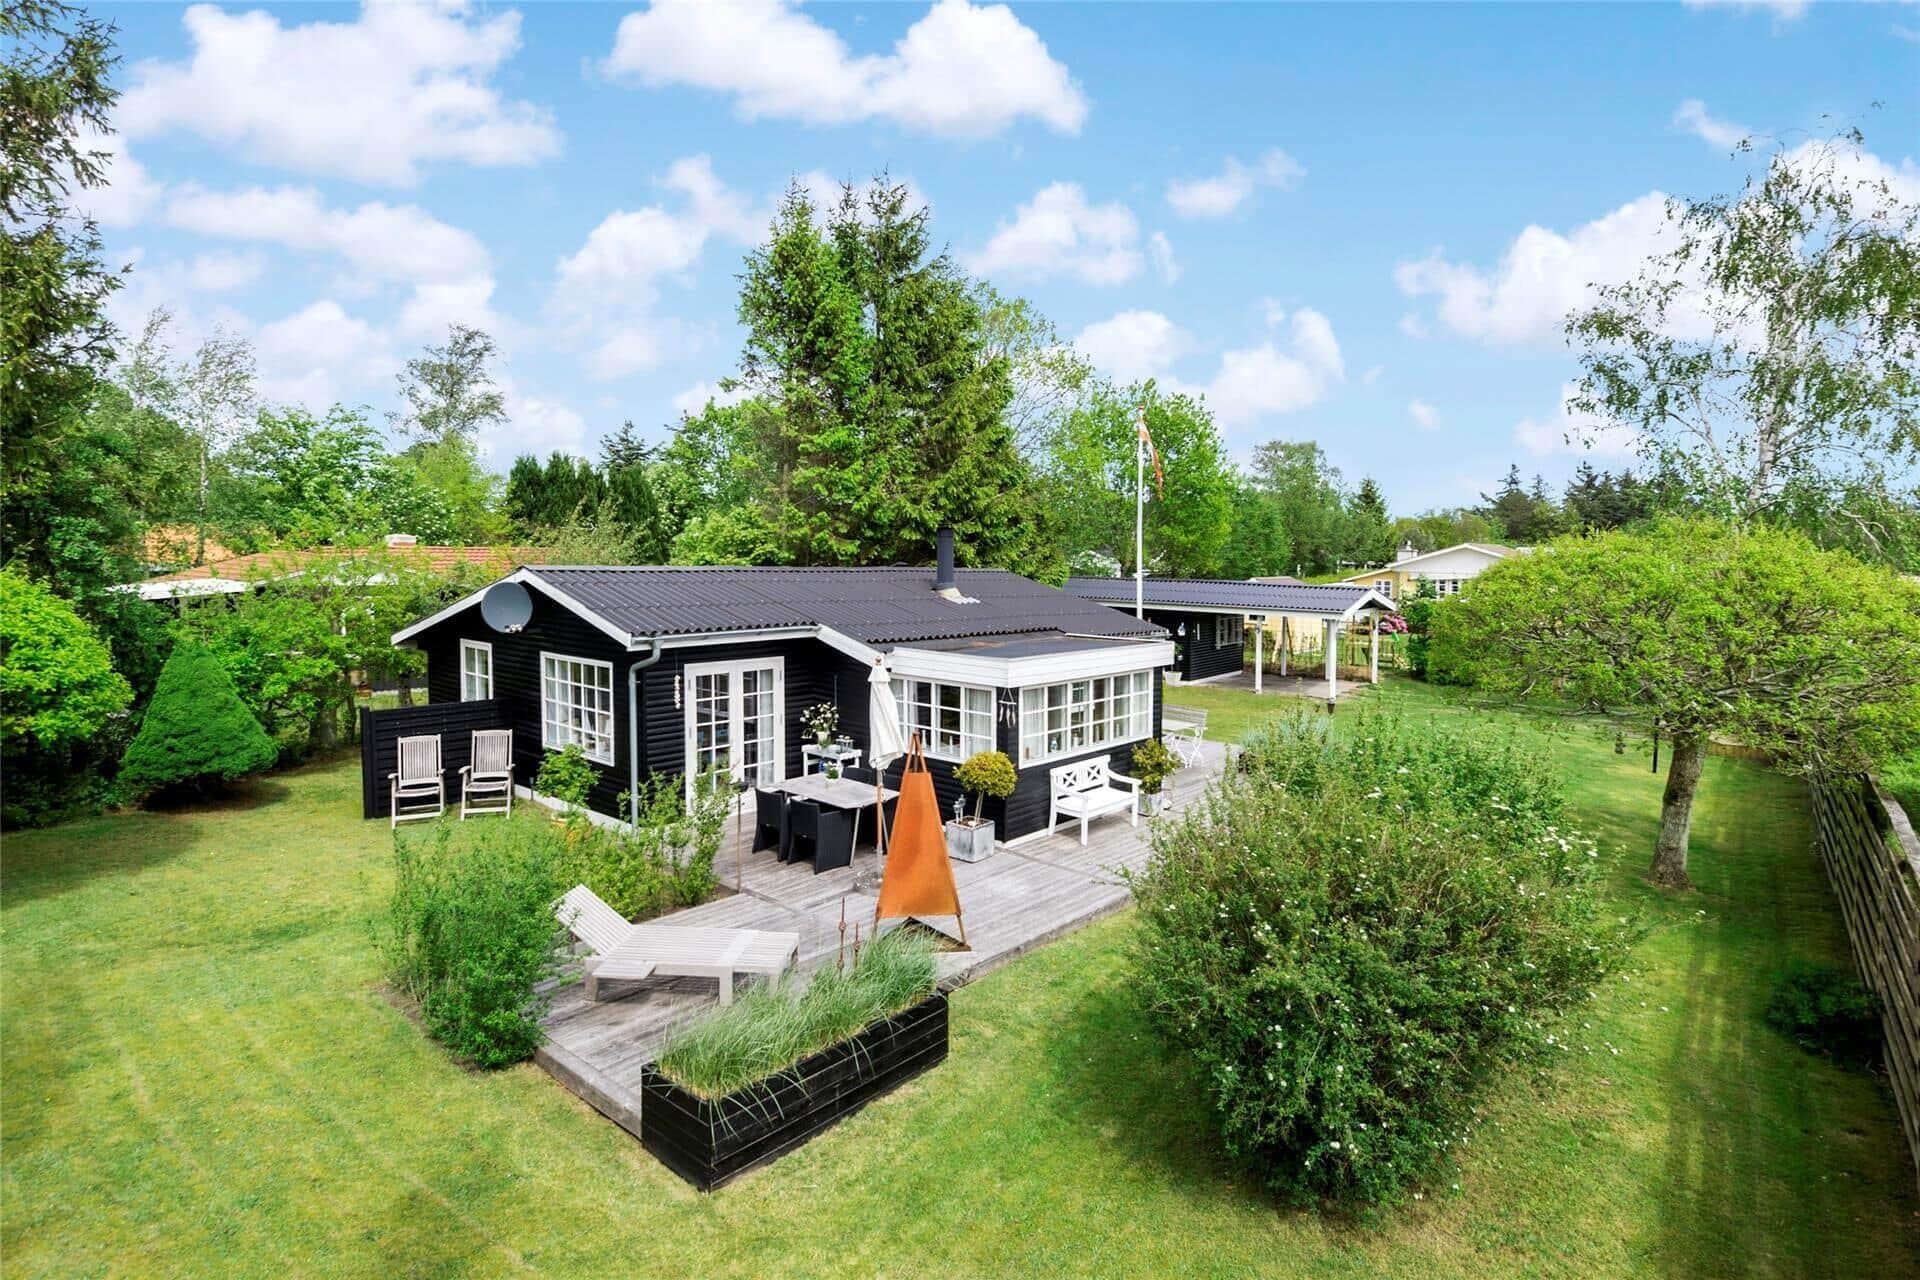 Billede 1-401 Sommerhus OH232, Oasen 37, DK - 9560 Hadsund